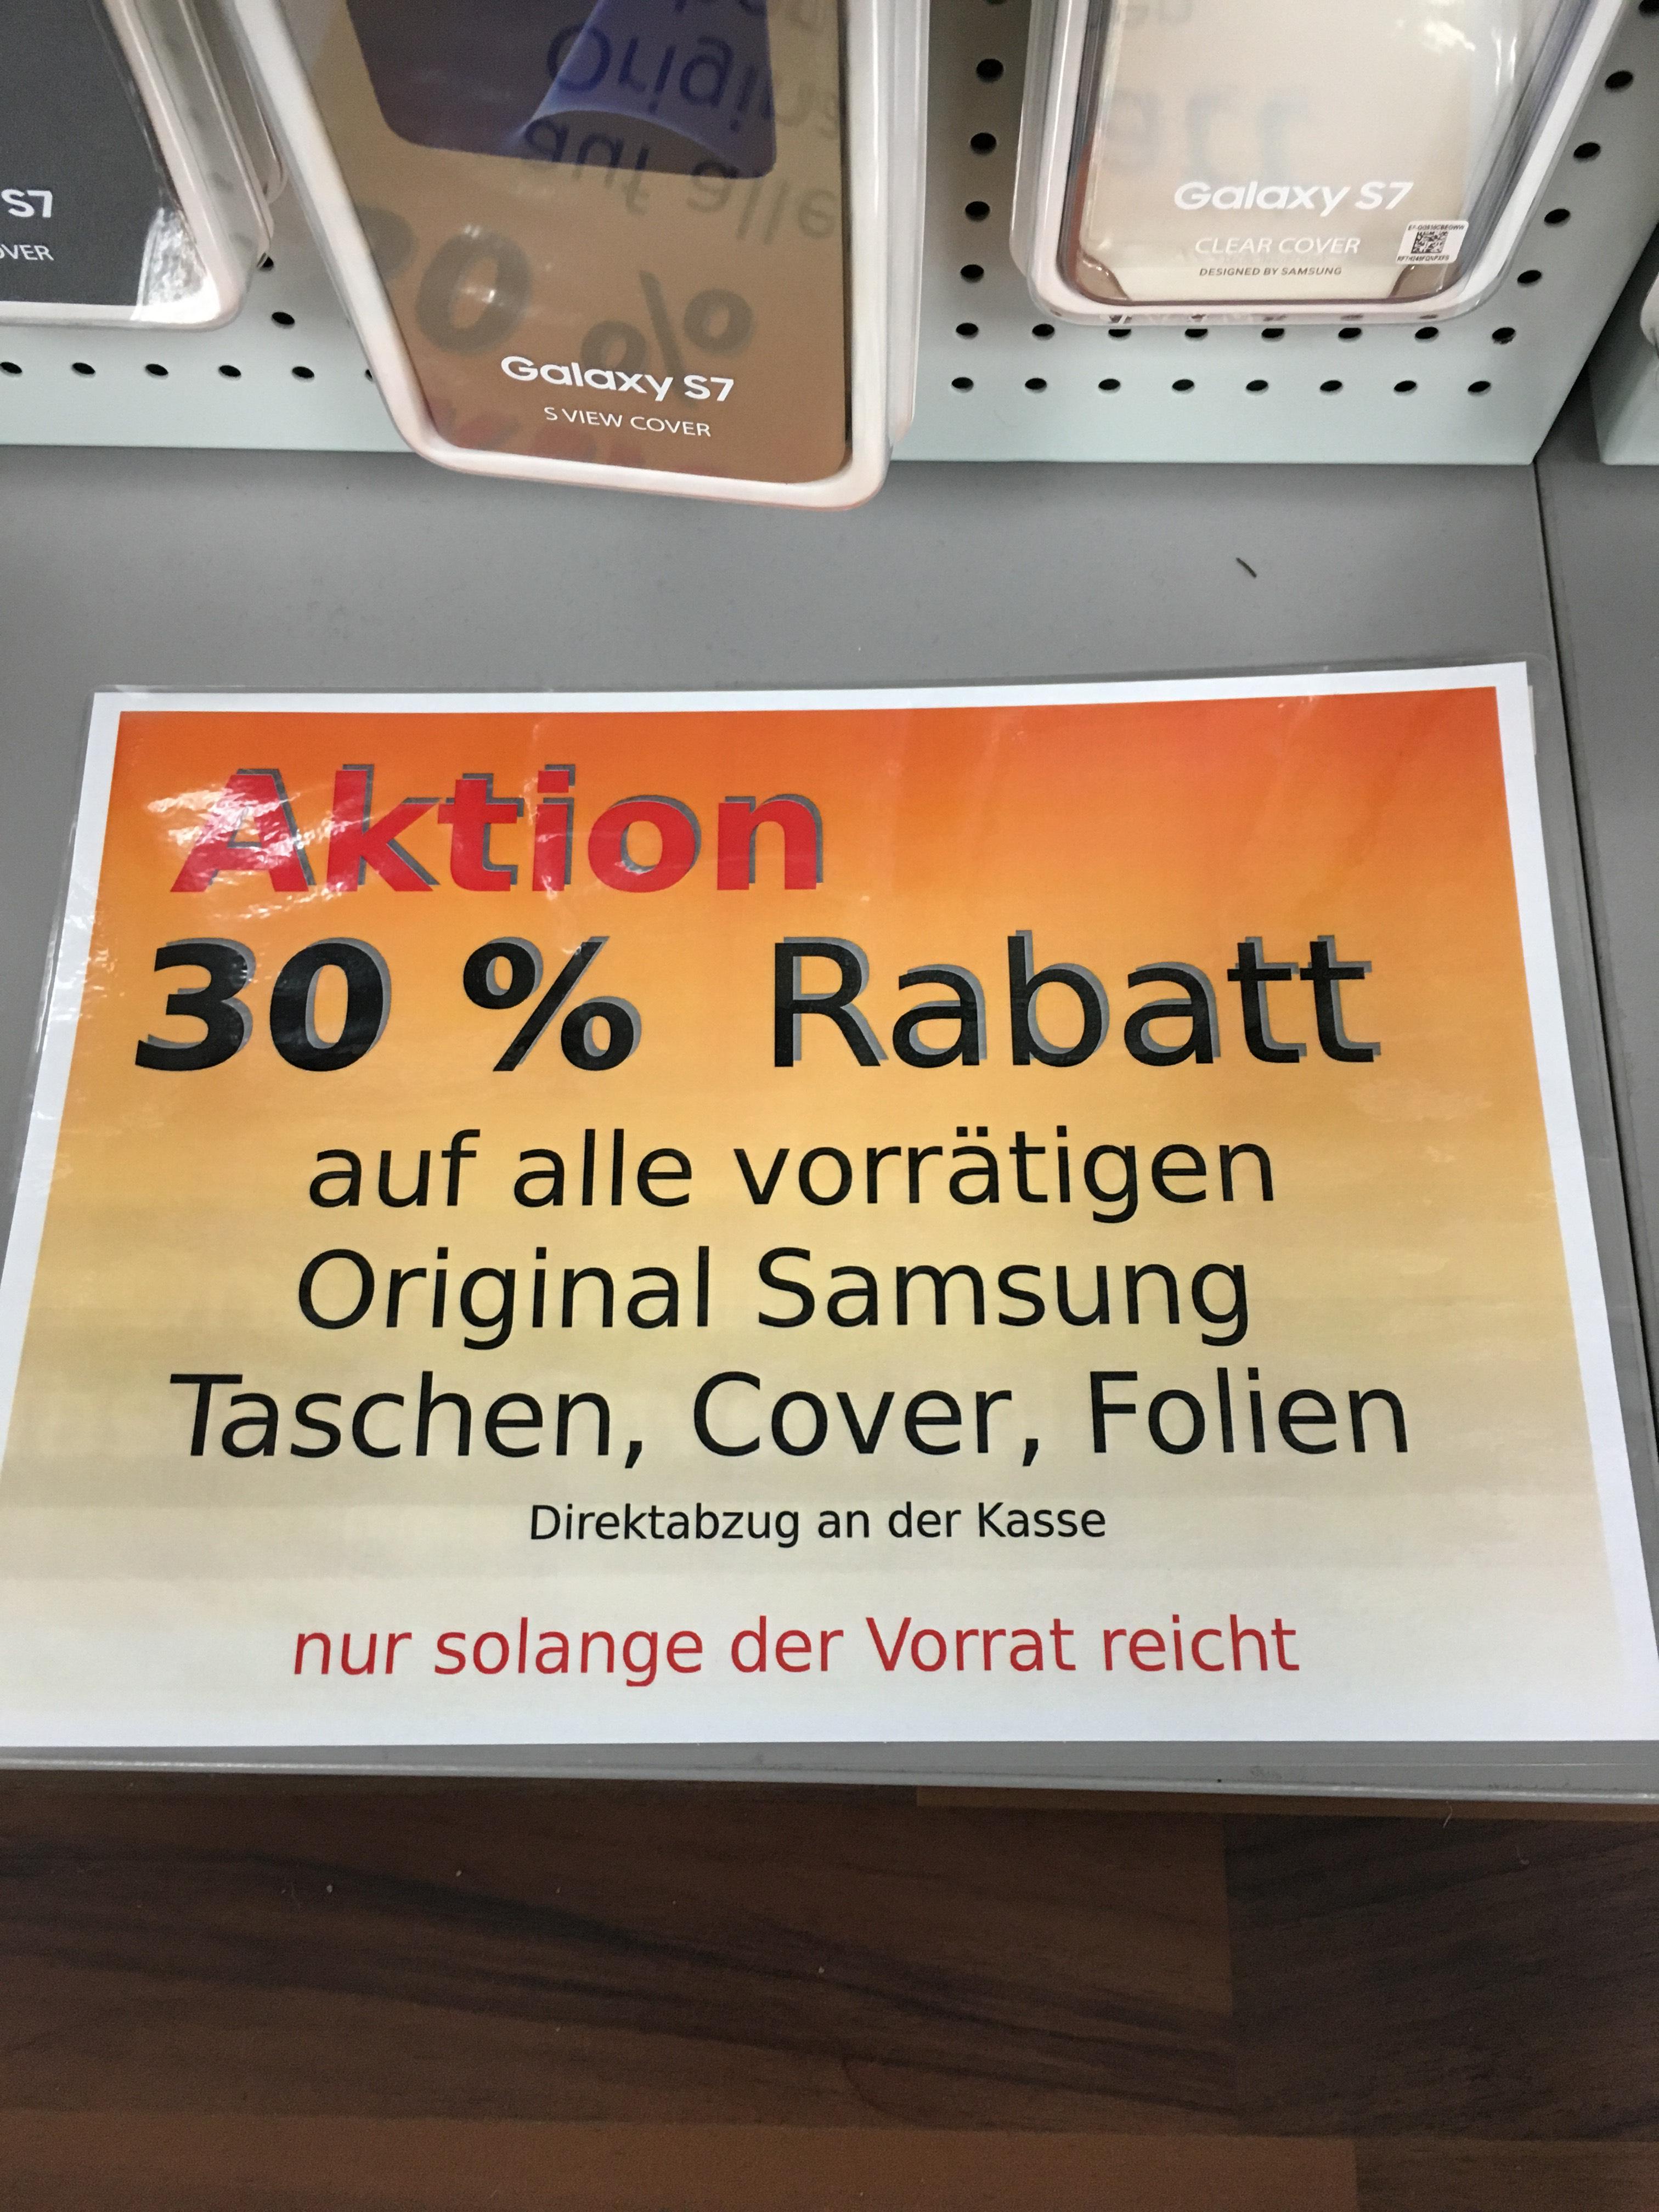 [Lokal] 30% Rabatt auf Samsung Taschen